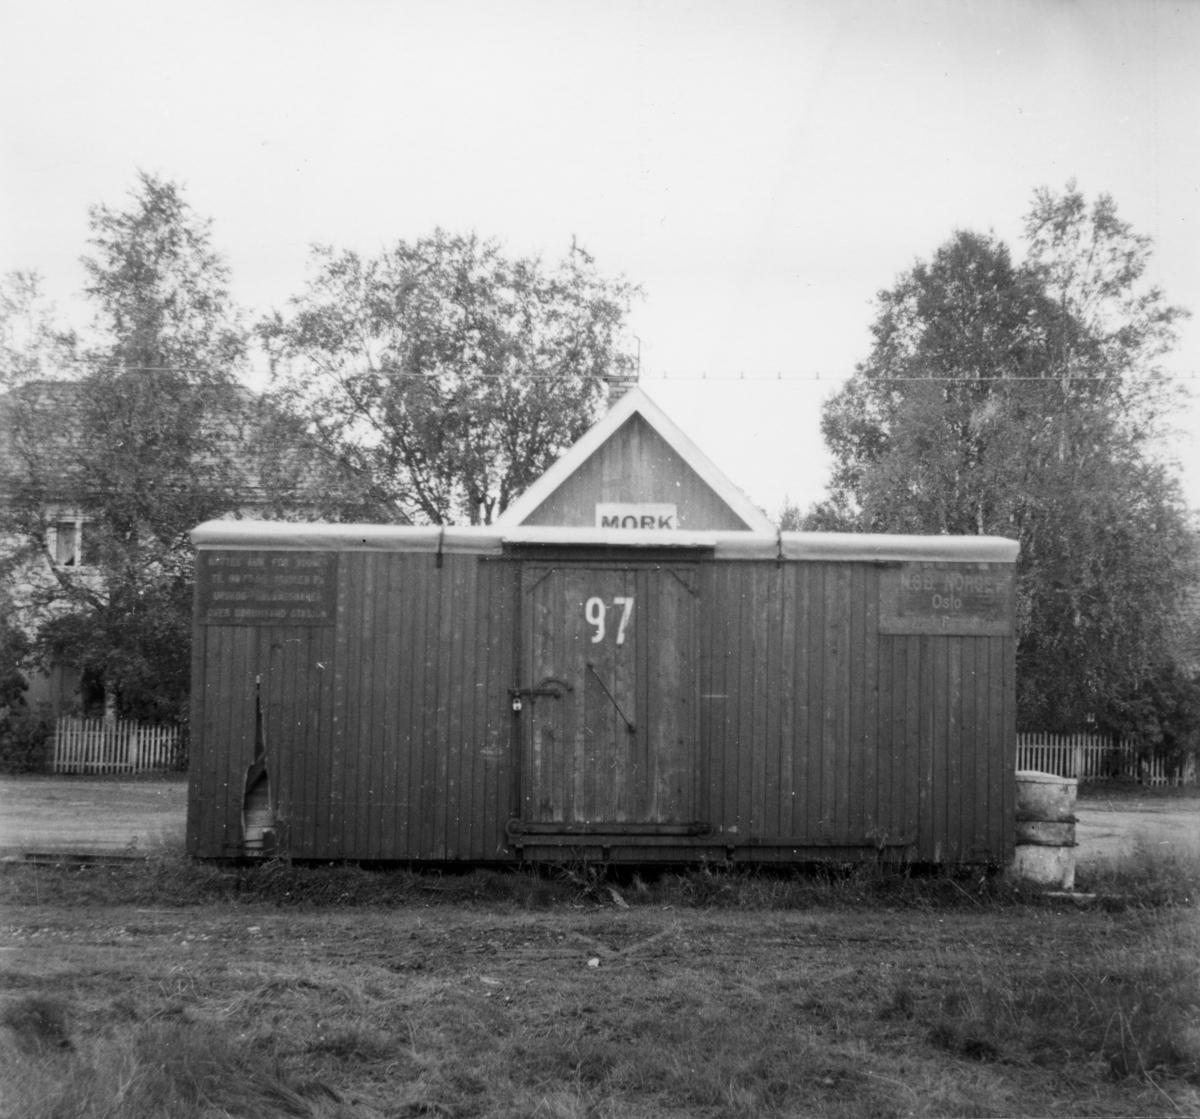 Løftekasse 97 ble stående igjen på en skinnestubb ved Mork stasjon etter nedleggelsen og ble brukt som lager.